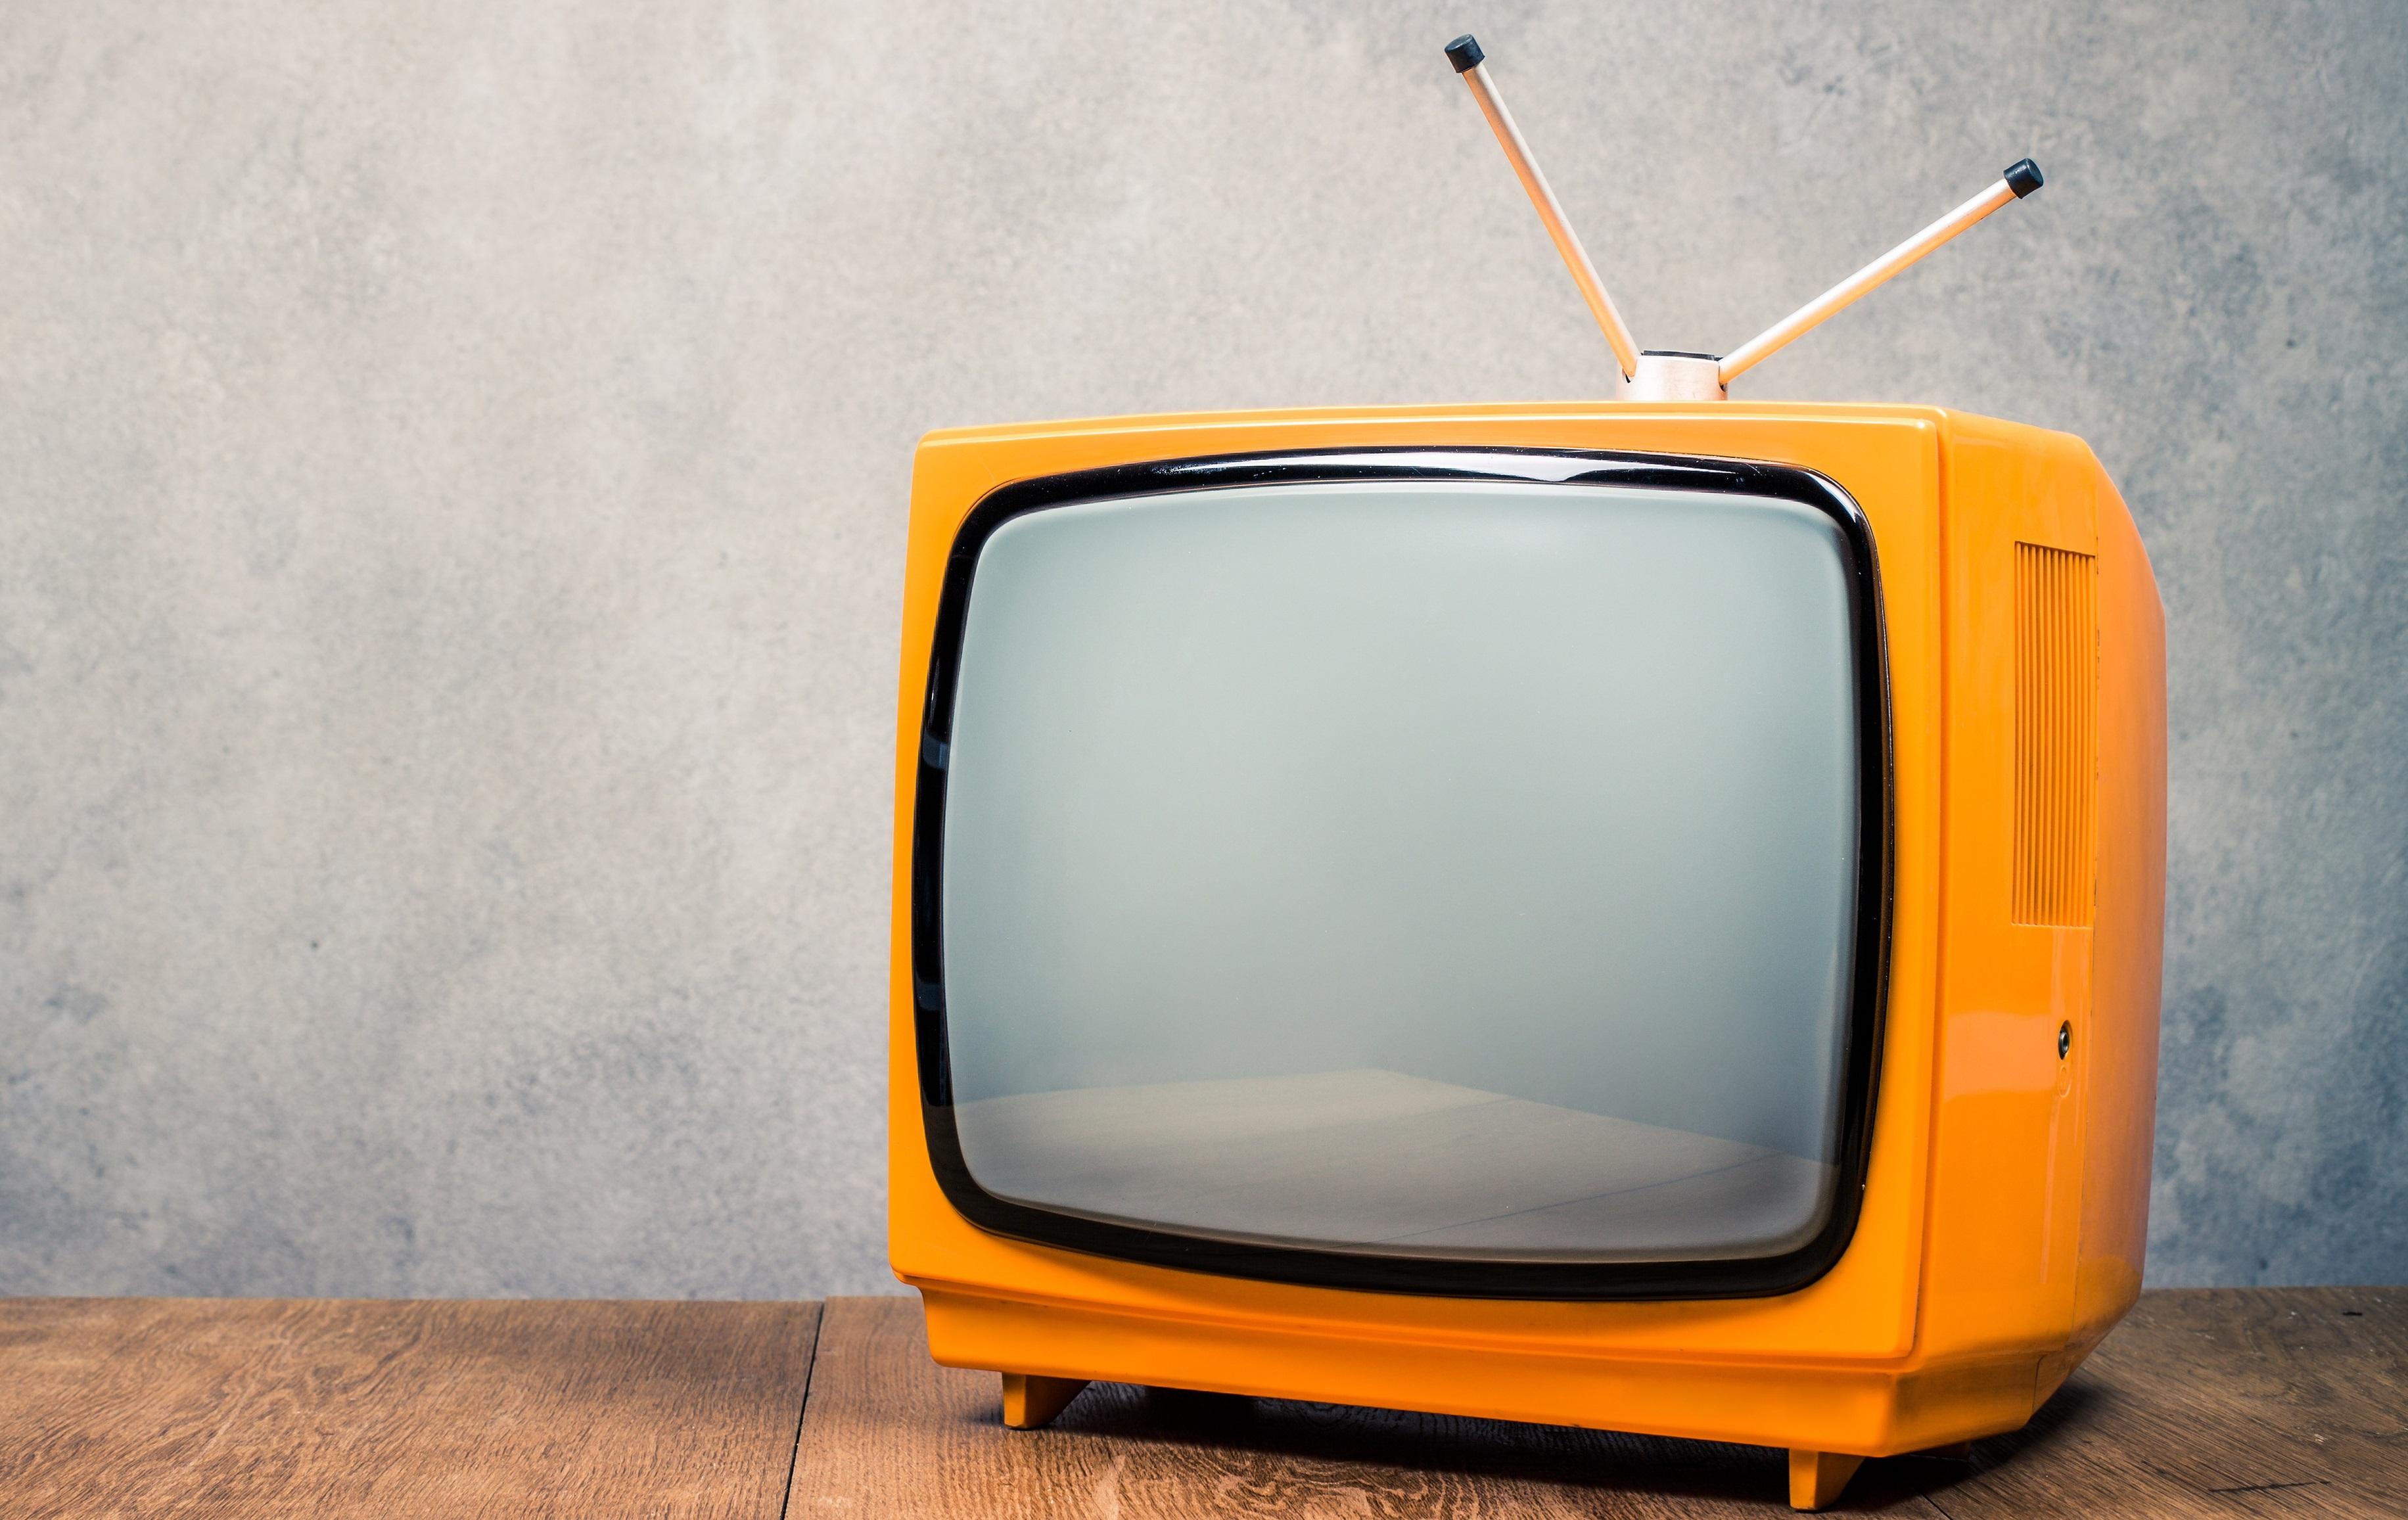 სატელევიზიო ყურების სეზონური ხასიათი